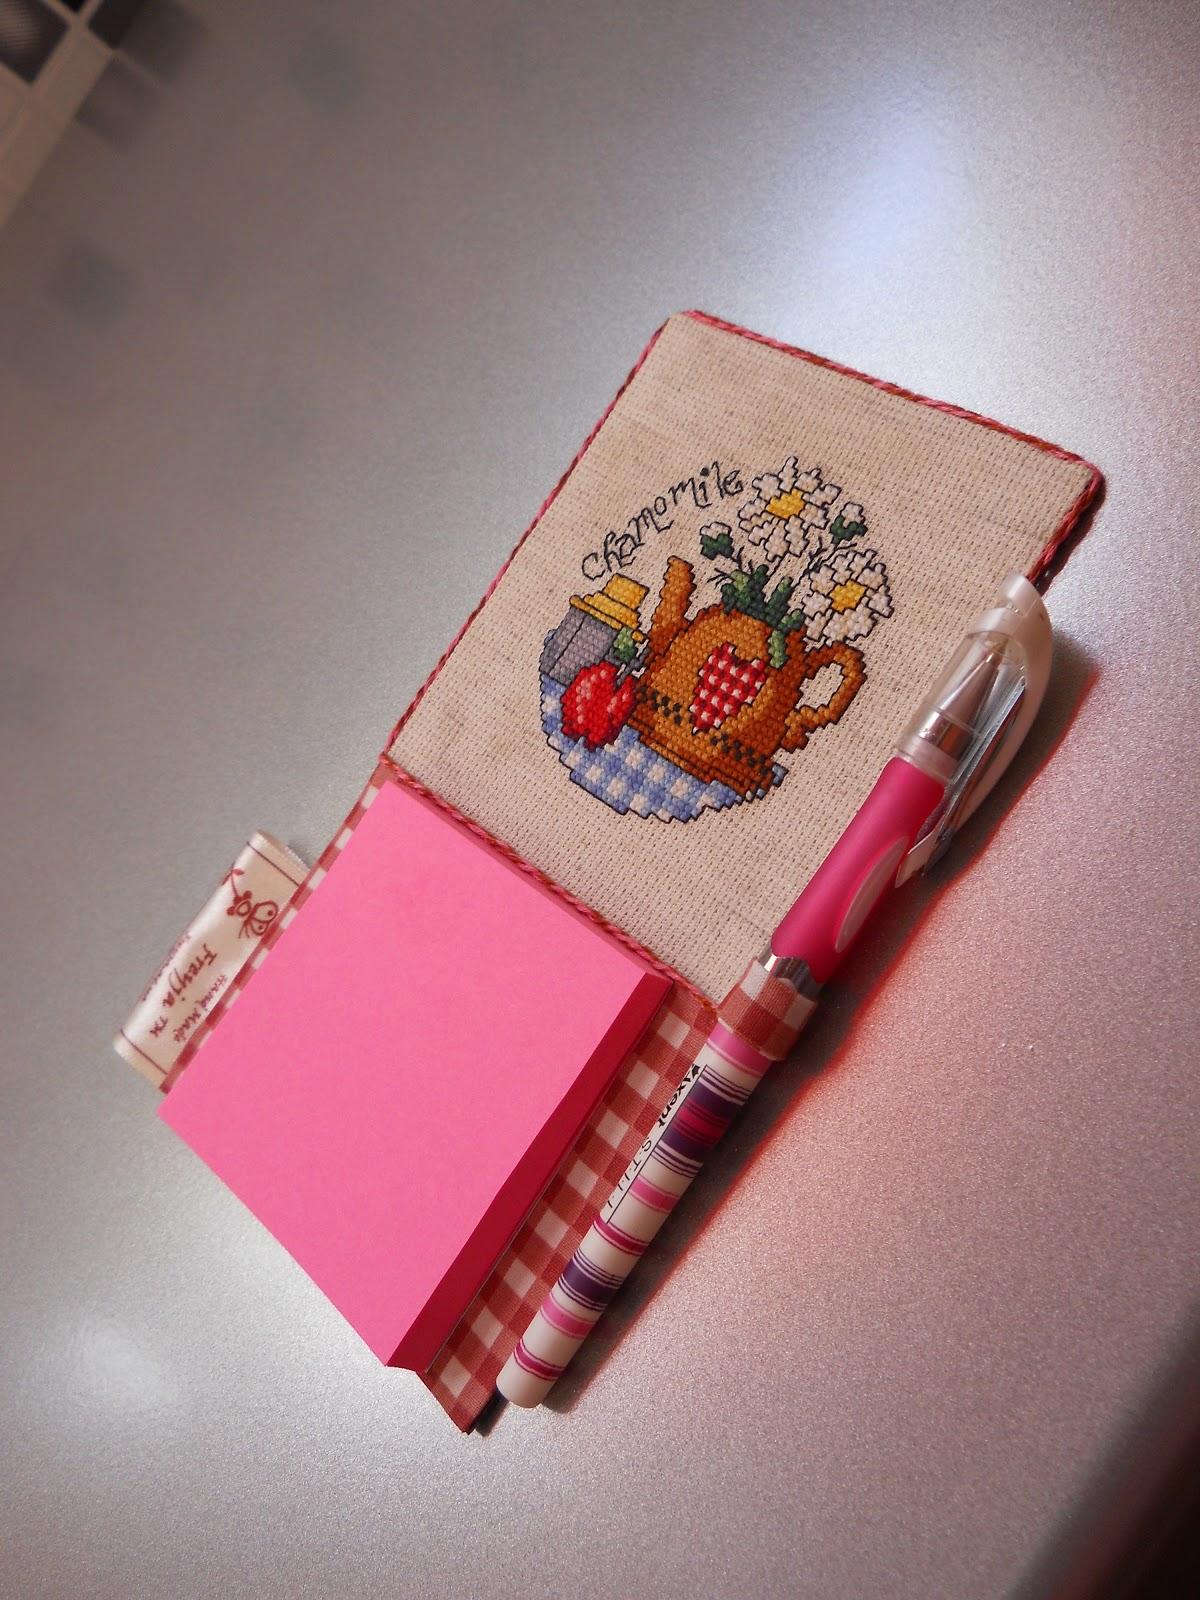 Вышивка блокнот своими руками